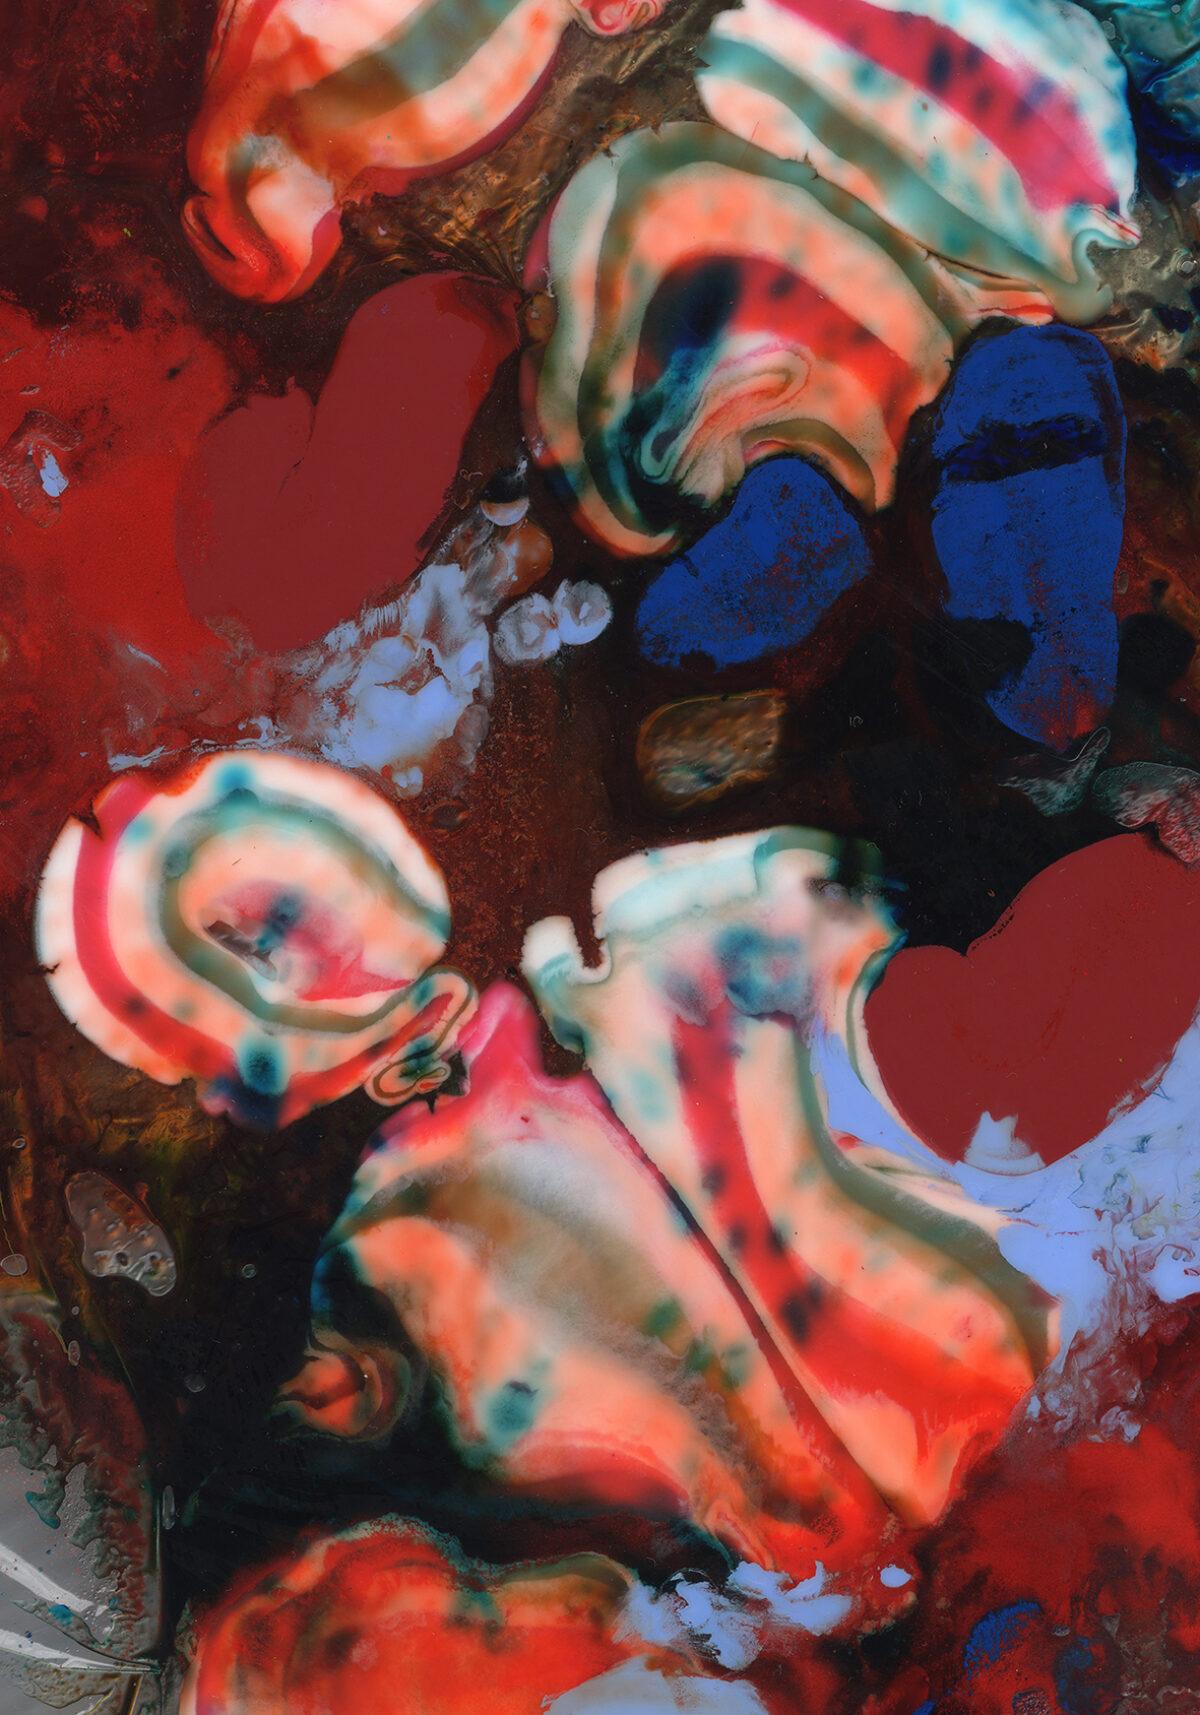 Julia Gruner, Domestic Painting (Odol-med3 Extra White), 2020, Inkjetprint auf Ilford Galerie Prestige Satin Photo Papier, 84,1 x 59,4 cm. Courtesy die Künstlerin und Taubert Contemporary, Berlin